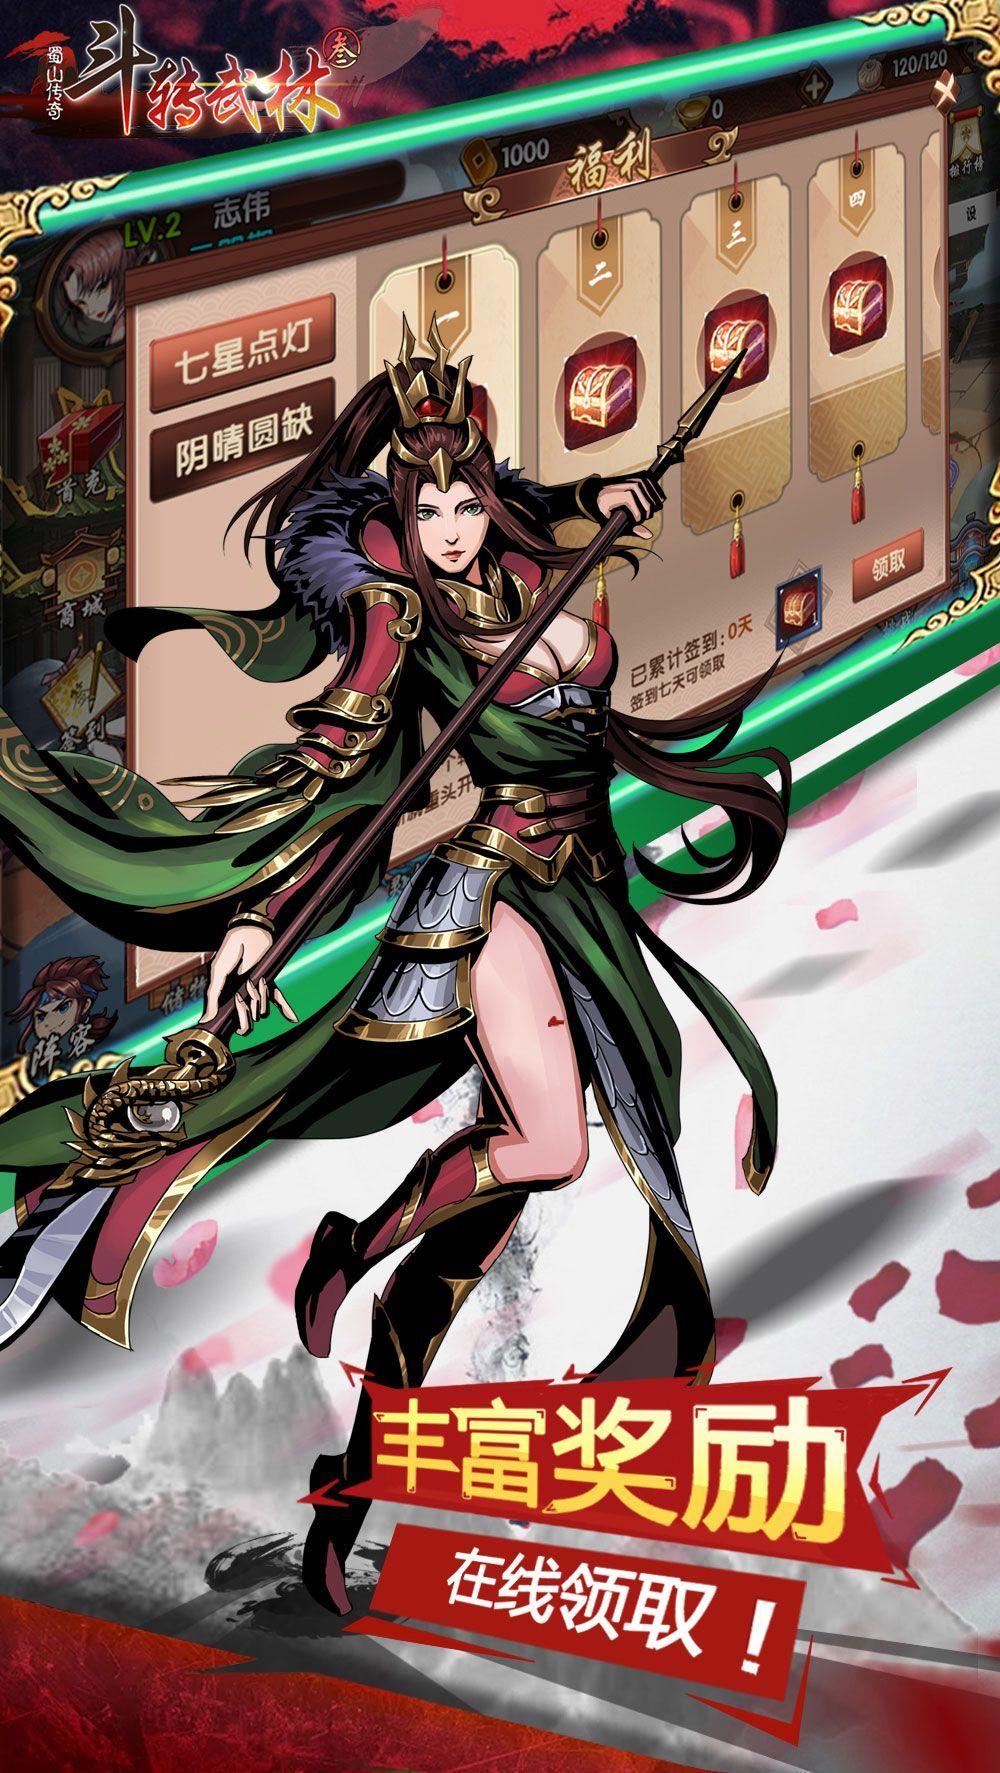 斗转武林3蜀山传奇游戏官方网站下载正式版图5: